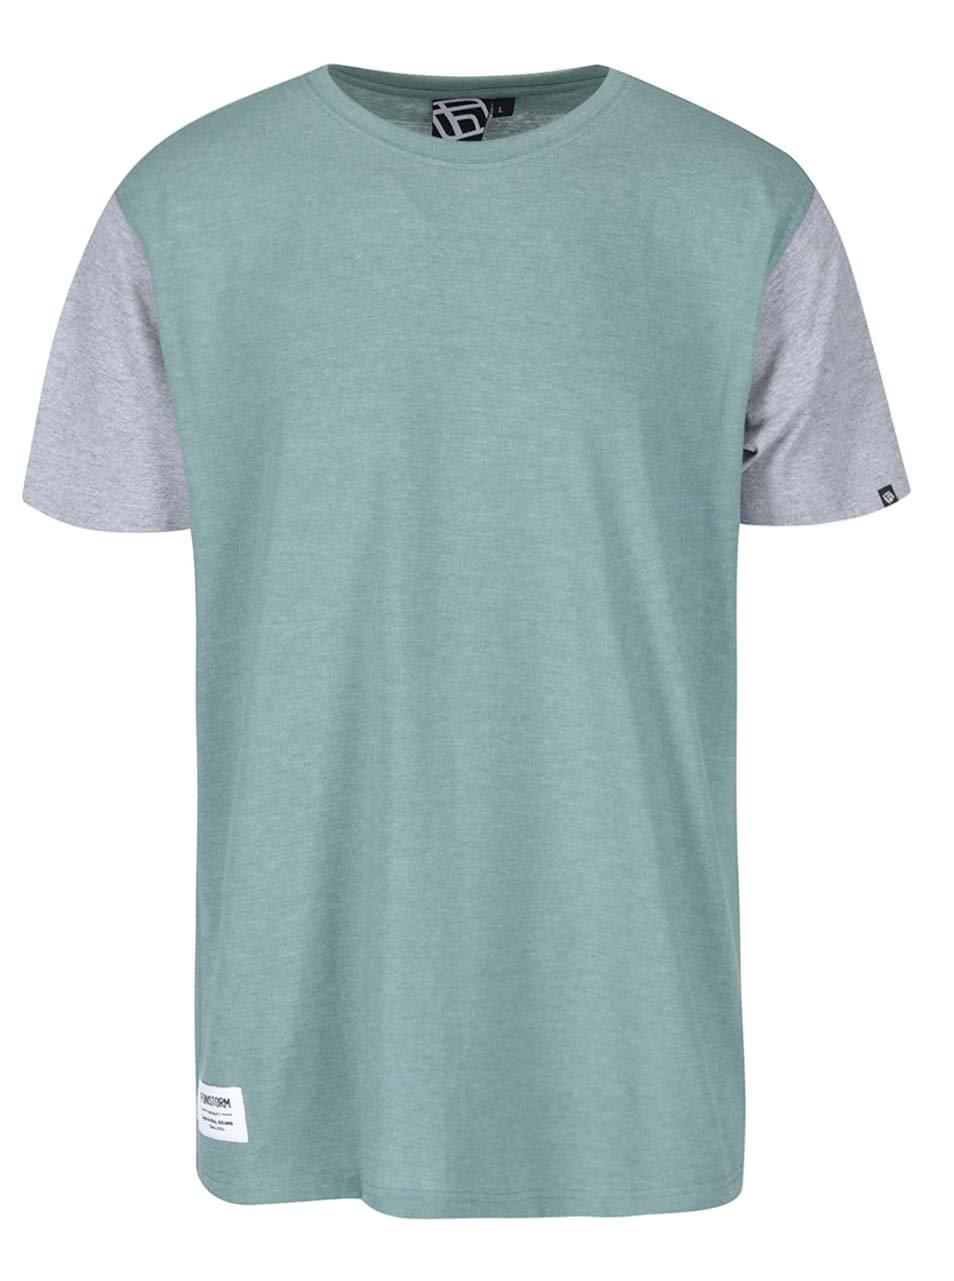 52e7da3d4296 Zelené pánské triko s krátkým rukávem Funstorm Toni ...